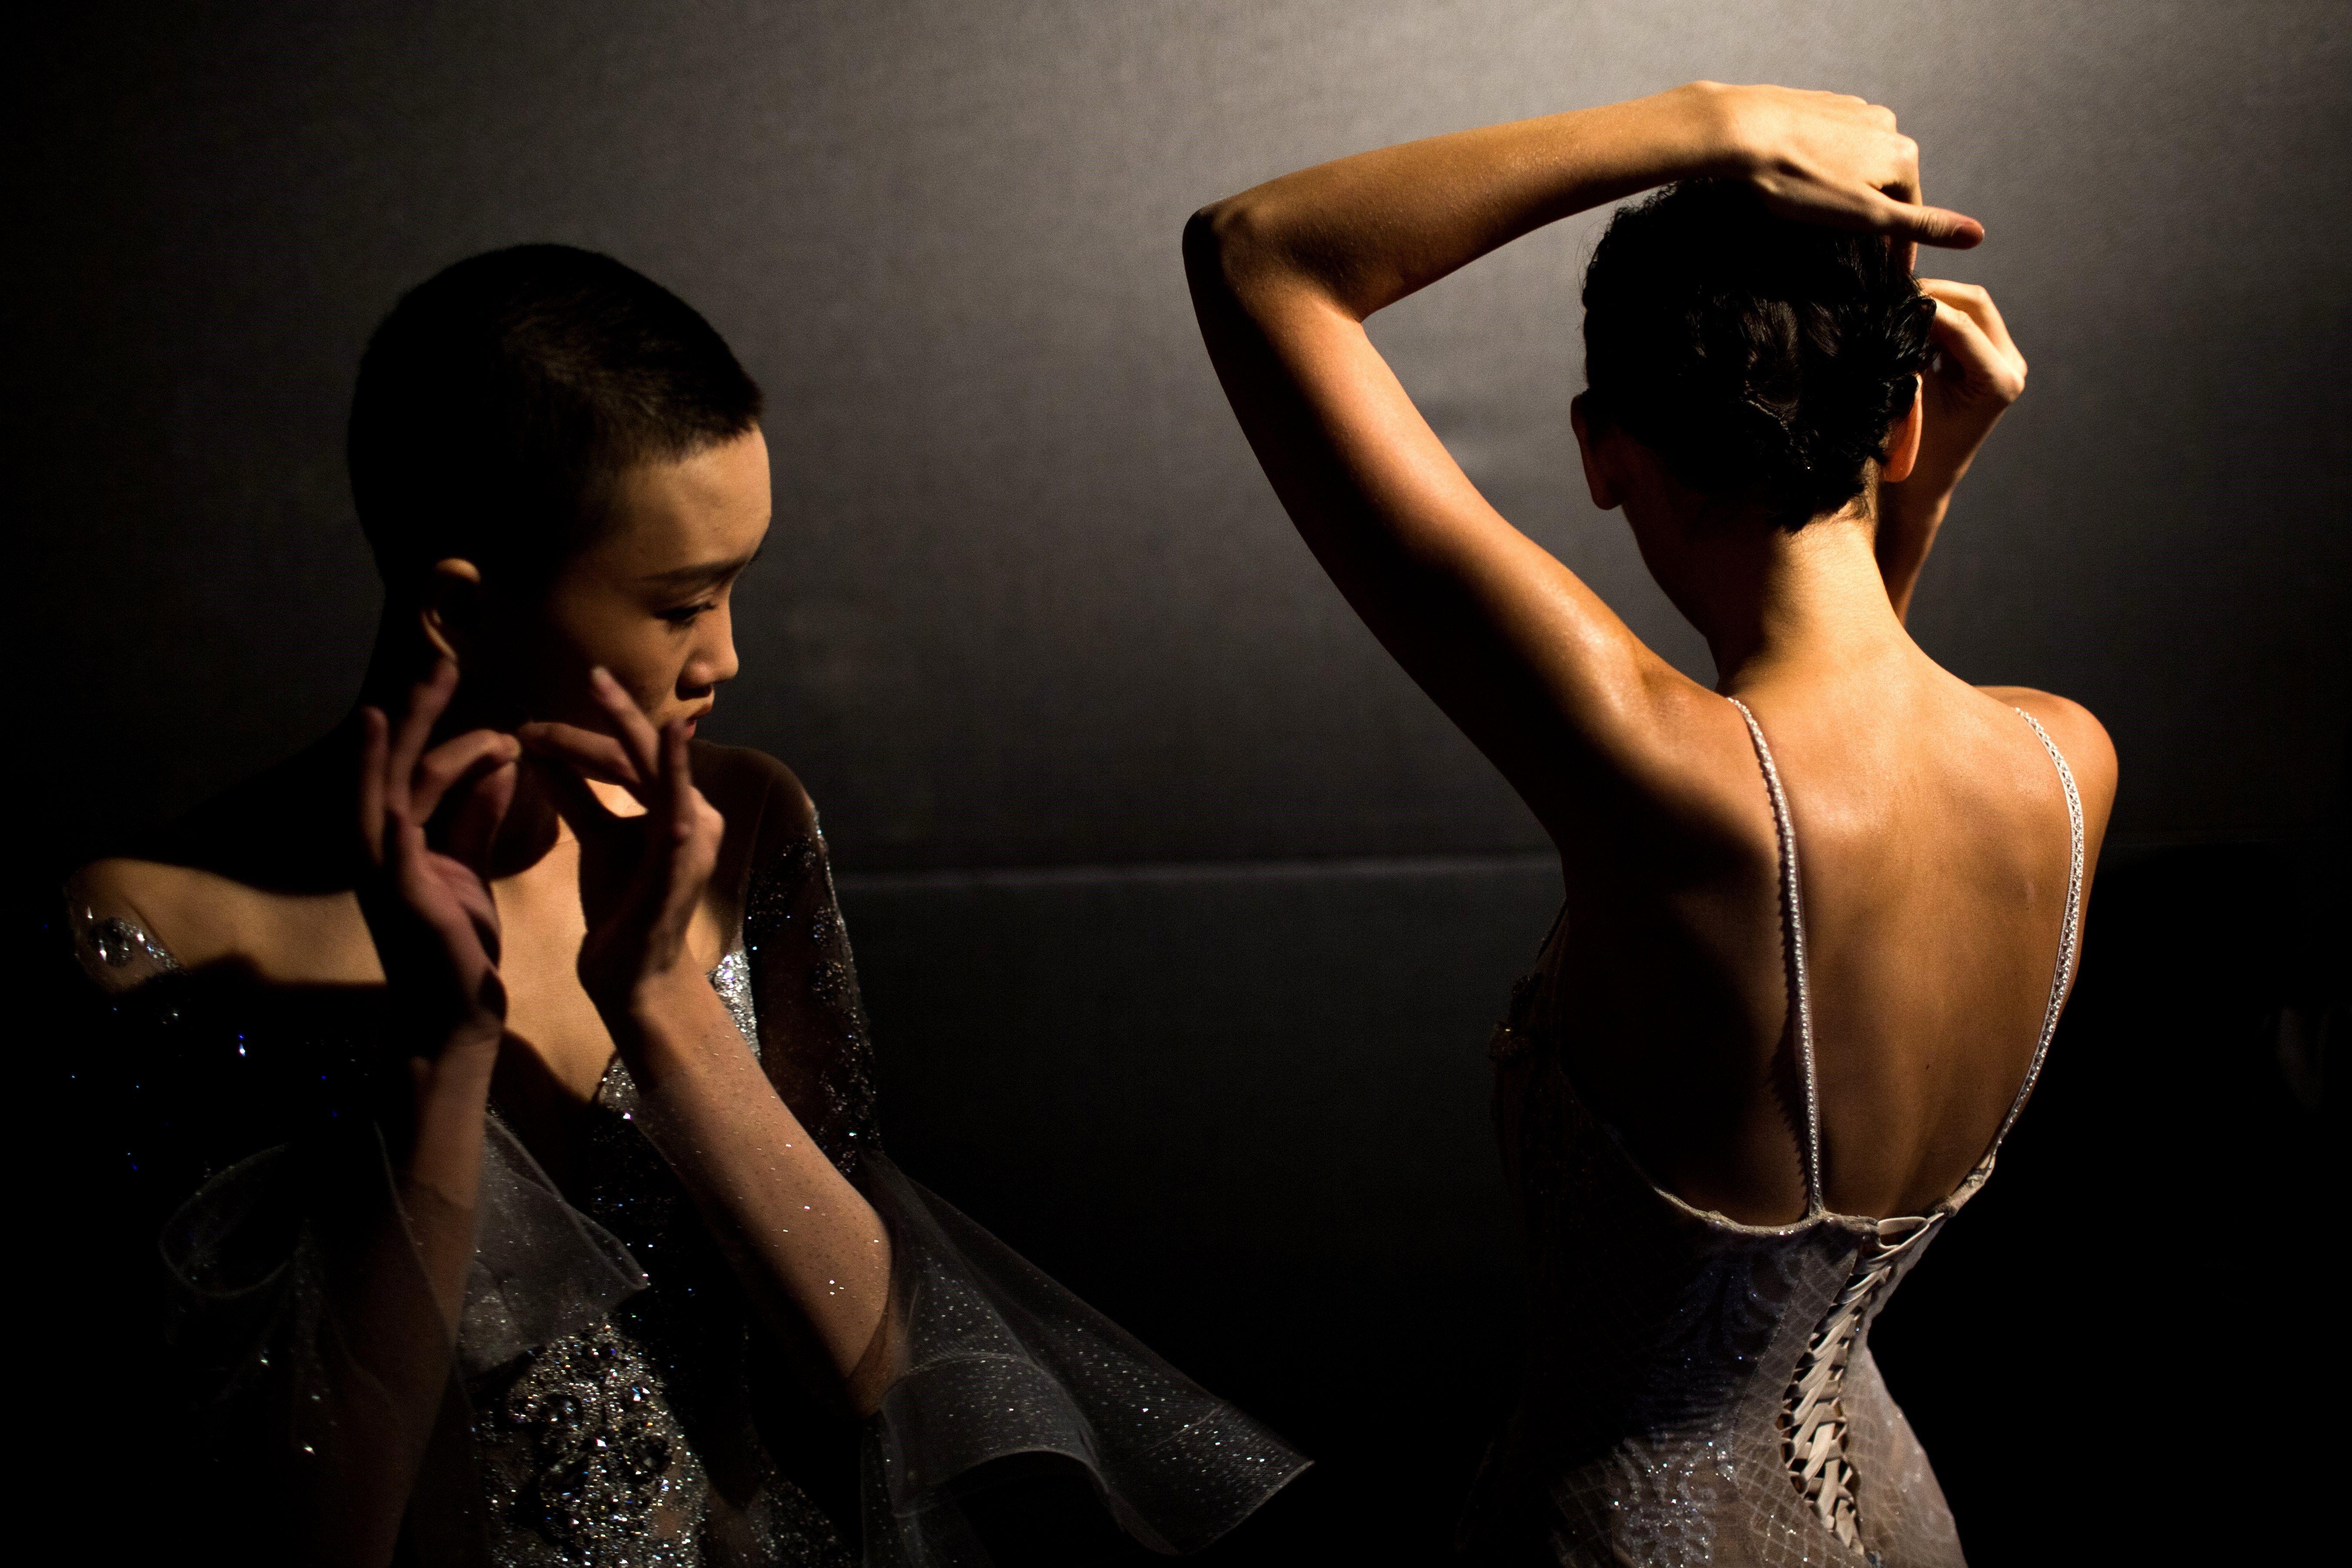 """Dos models es preparen abans de la presentació de la col·lecció nupcial """"Jusere"""", obra de la dissenyadora xinesa Yu Aiping, durant la Setmana de la Moda de Pequín (Xina). /ROMAN PILIPEY"""